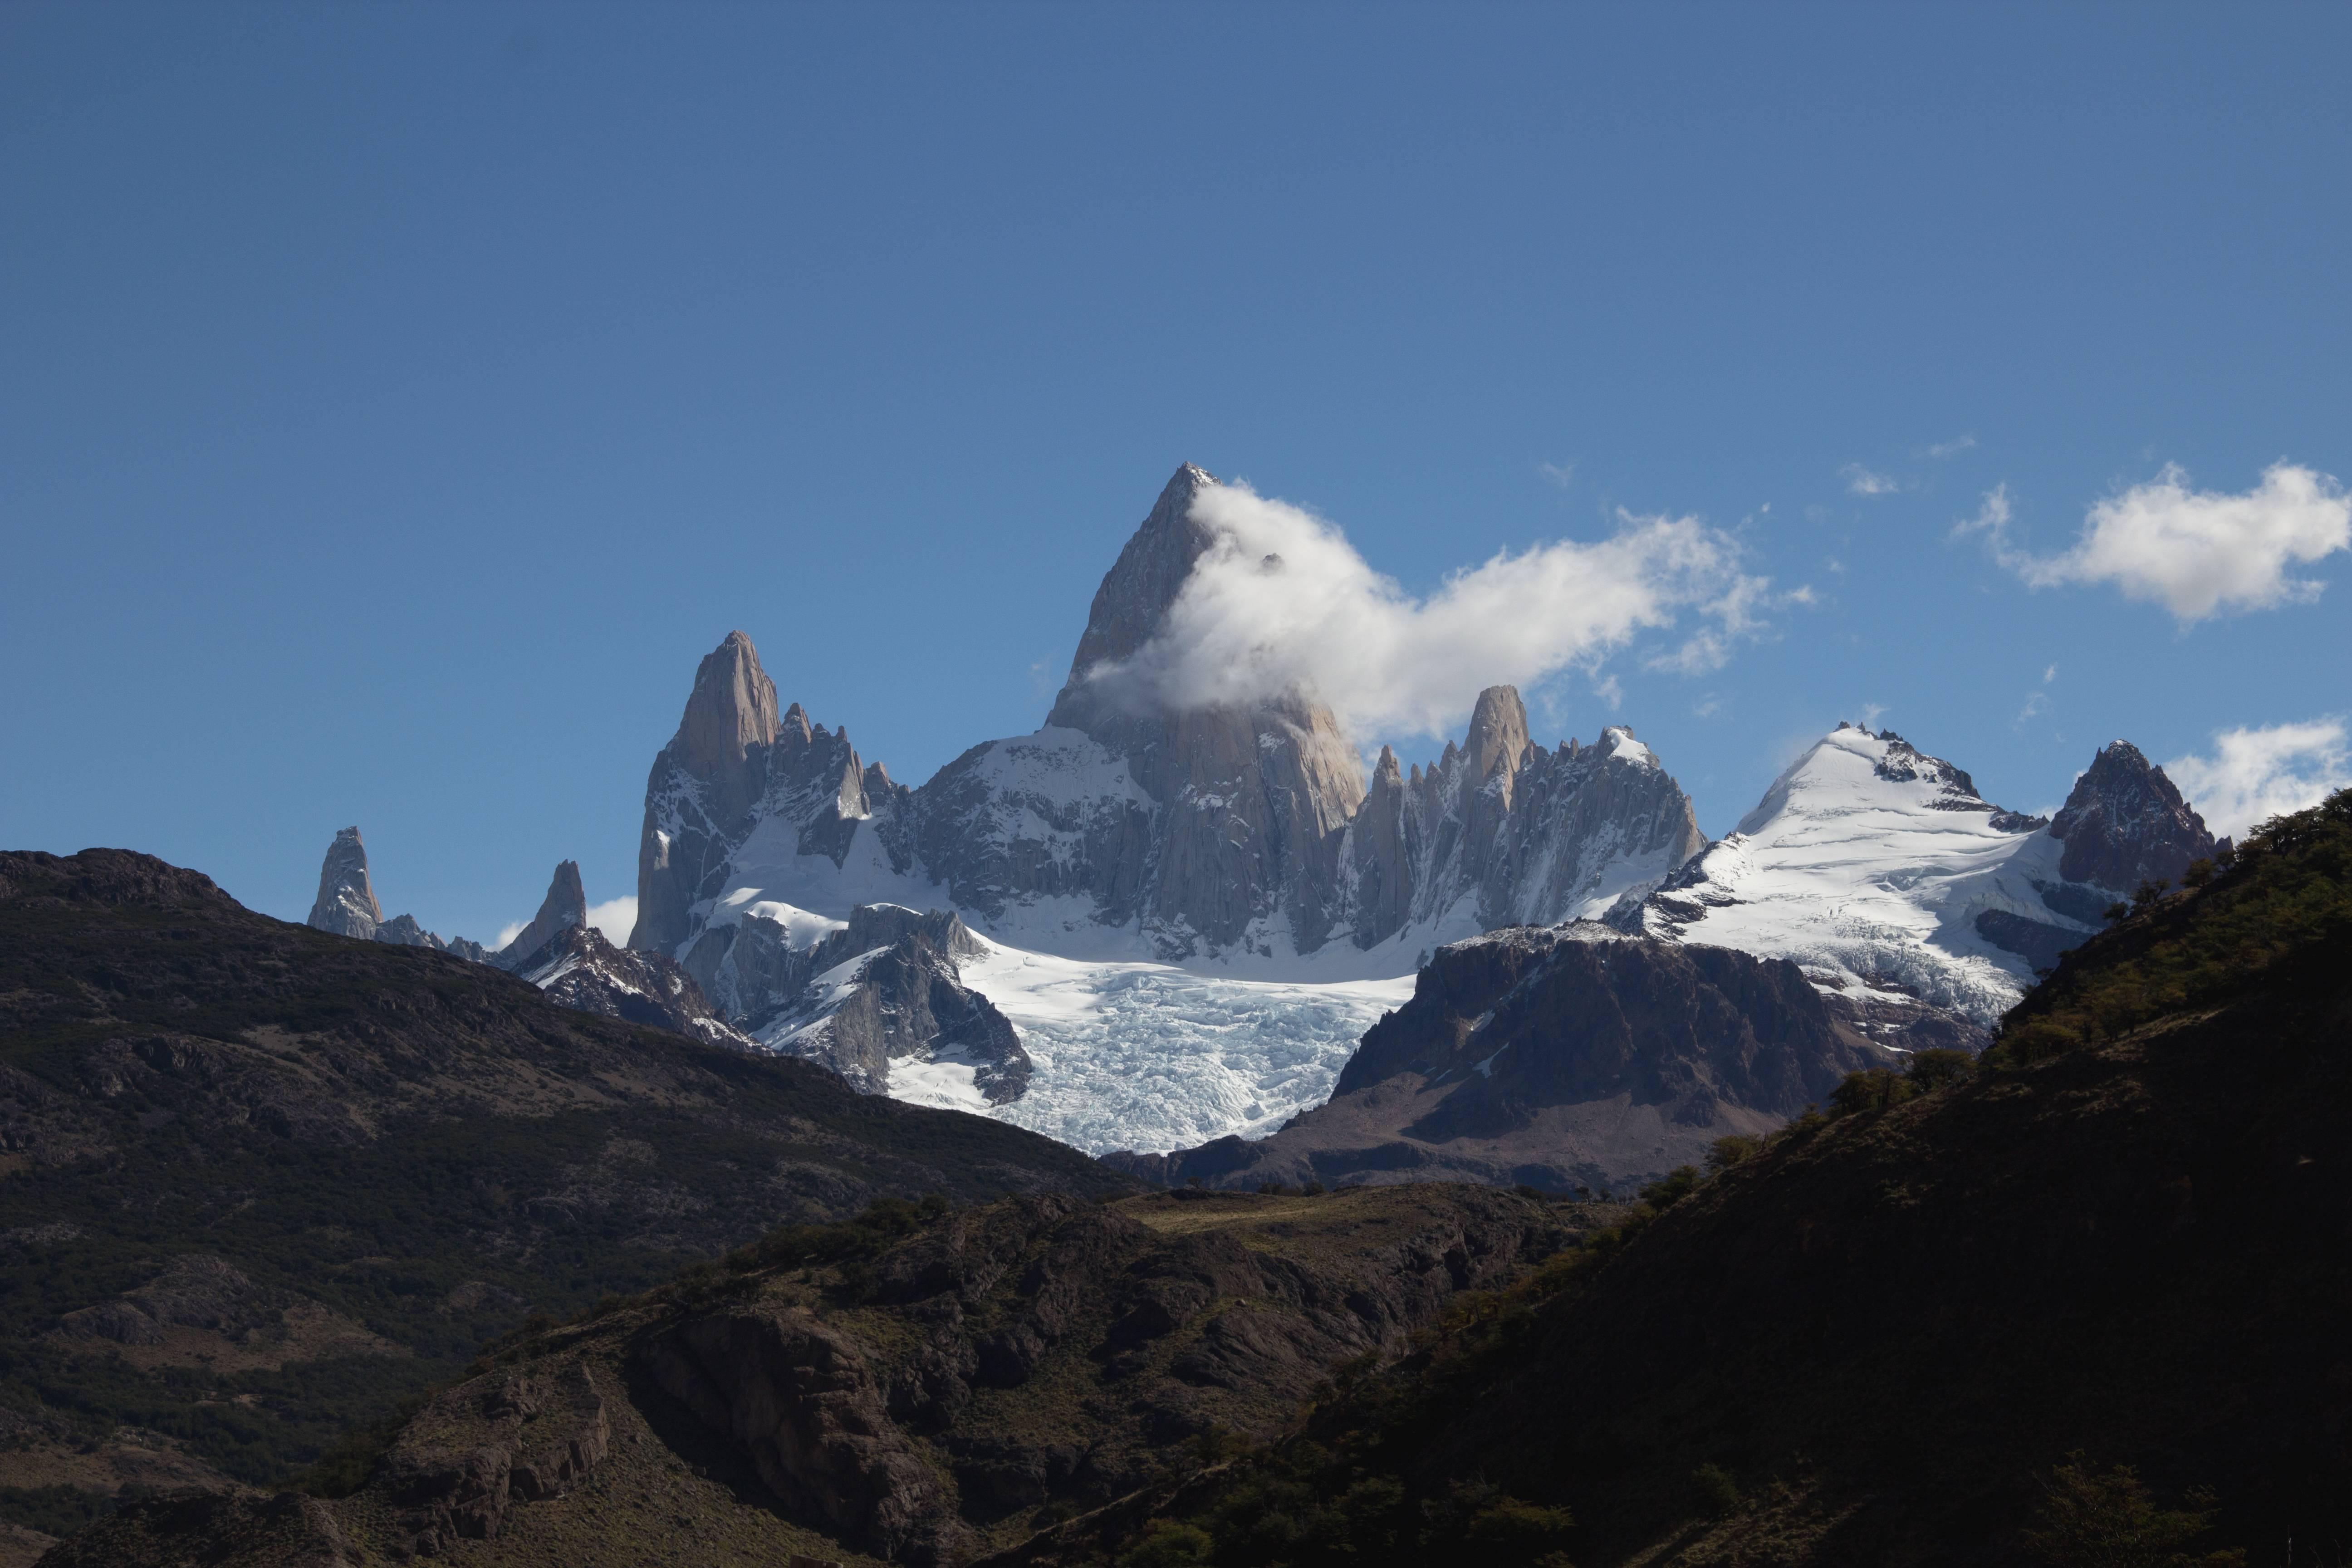 Photo 1: El Chalten - La capitale du Trekking en Argentine